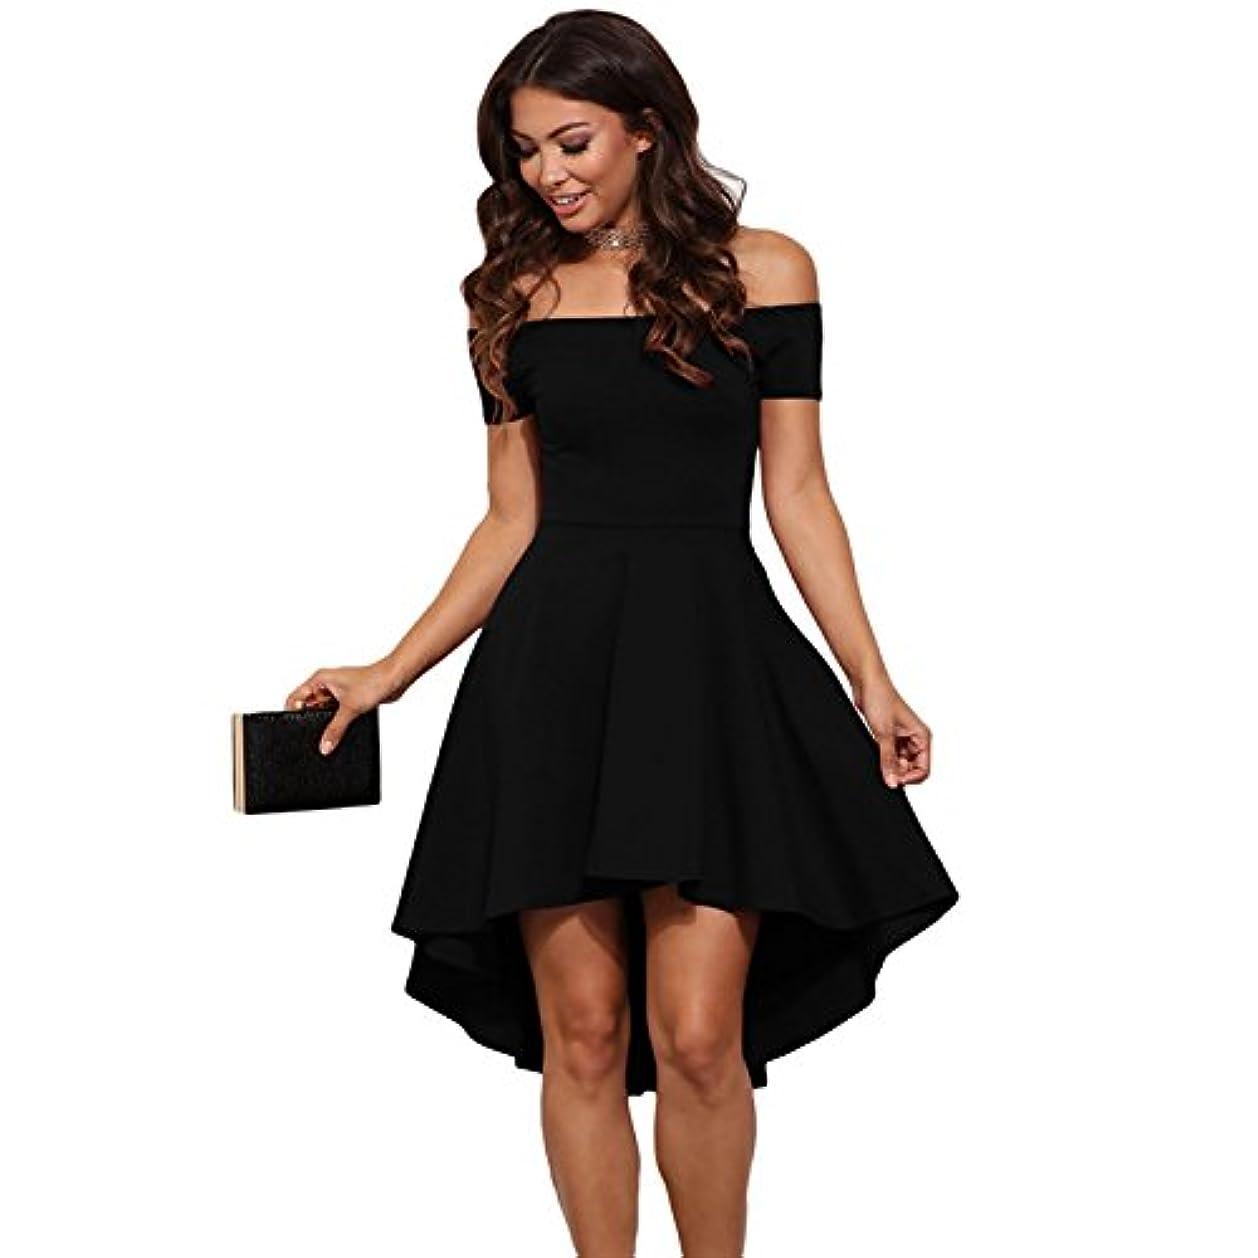 恐れる修正するマニフェストOnderroa - ヴィンテージ女性のセクシーなスラッシュネックソリッドカラーパーティー秋の新しいファッションAライン黒赤ワイン膝丈のドレスドレス